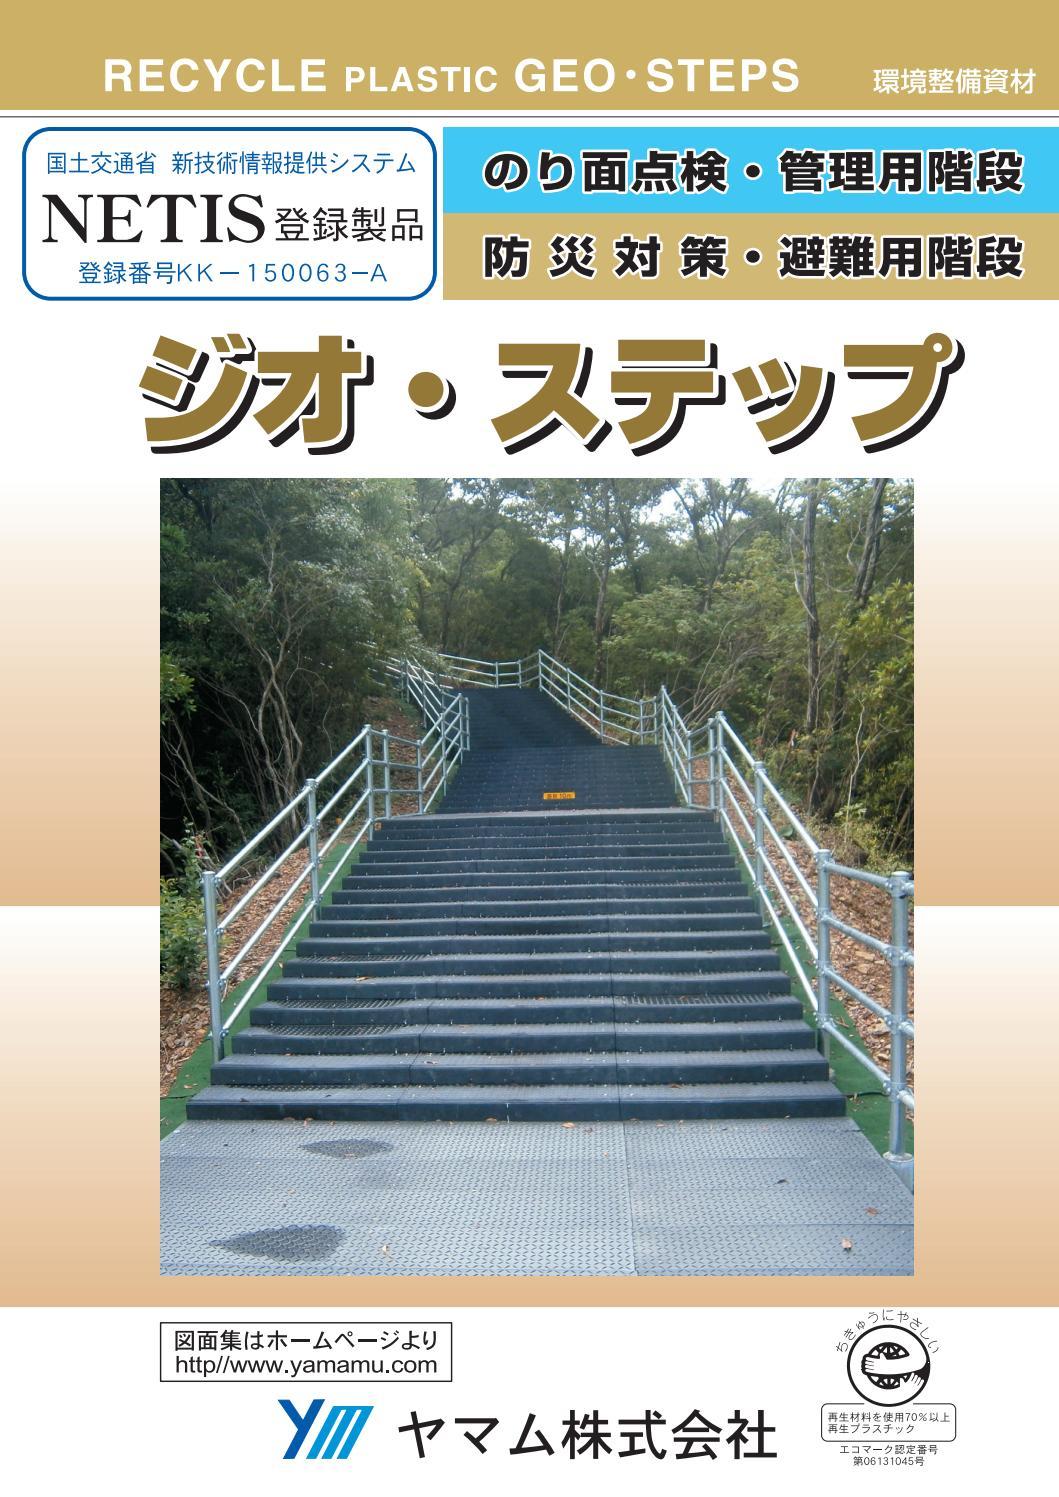 20171120 ジオ・ステップカタログ最終pdf By Yamamu Issuu